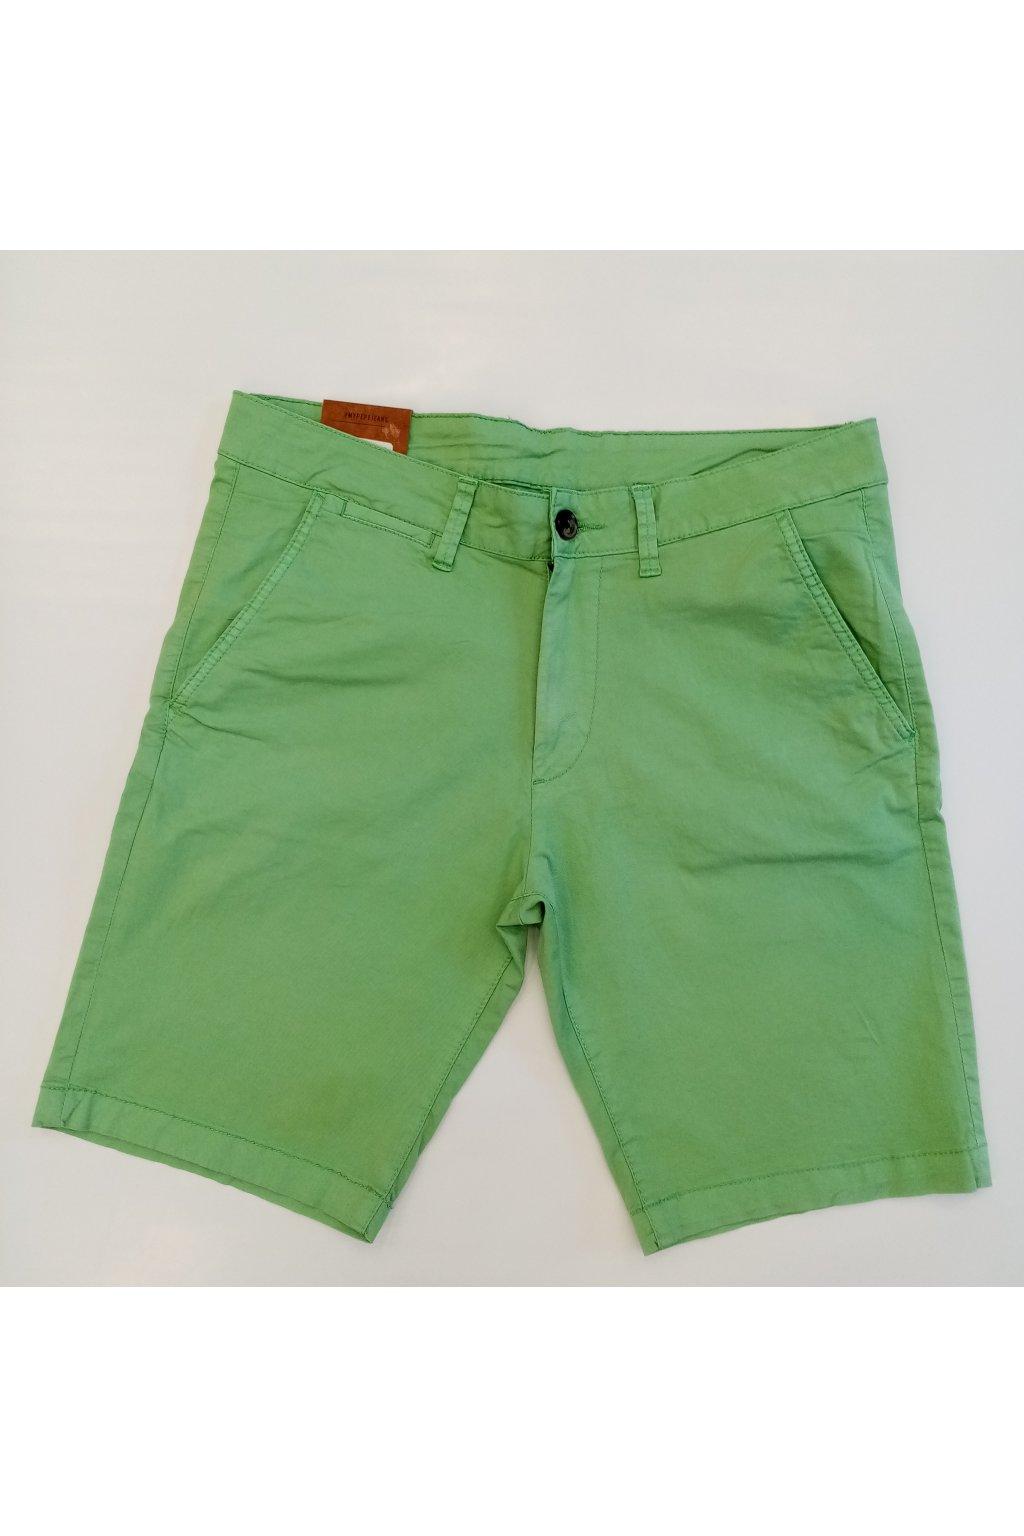 Pánské kraťasy Pepe Jeans PM800227C75